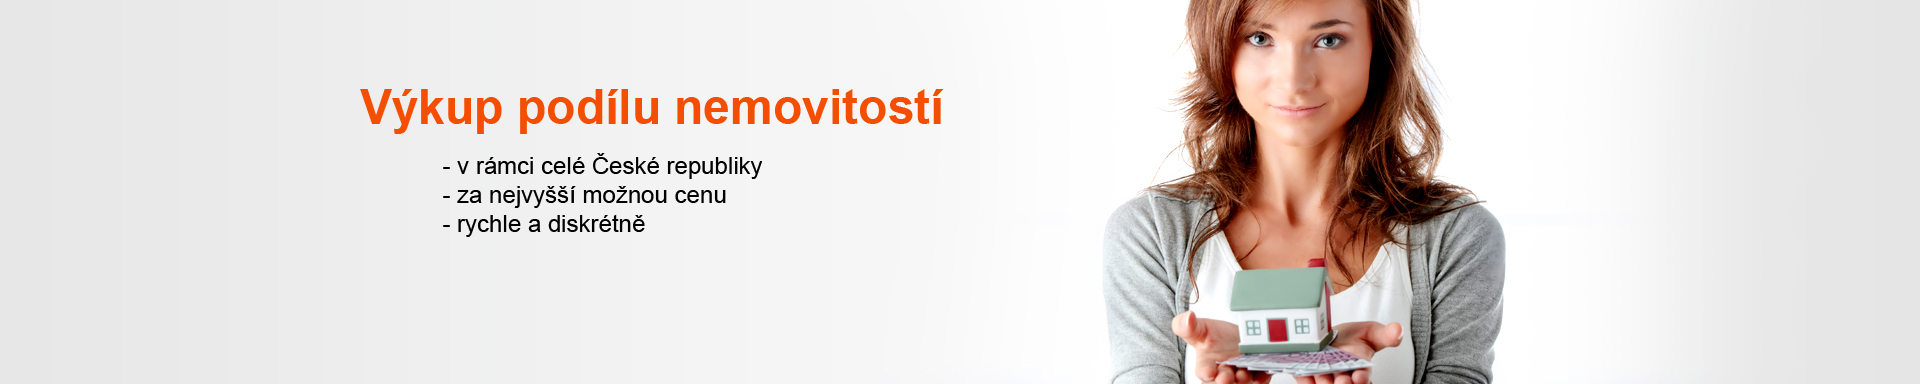 Výkup podílu.cz